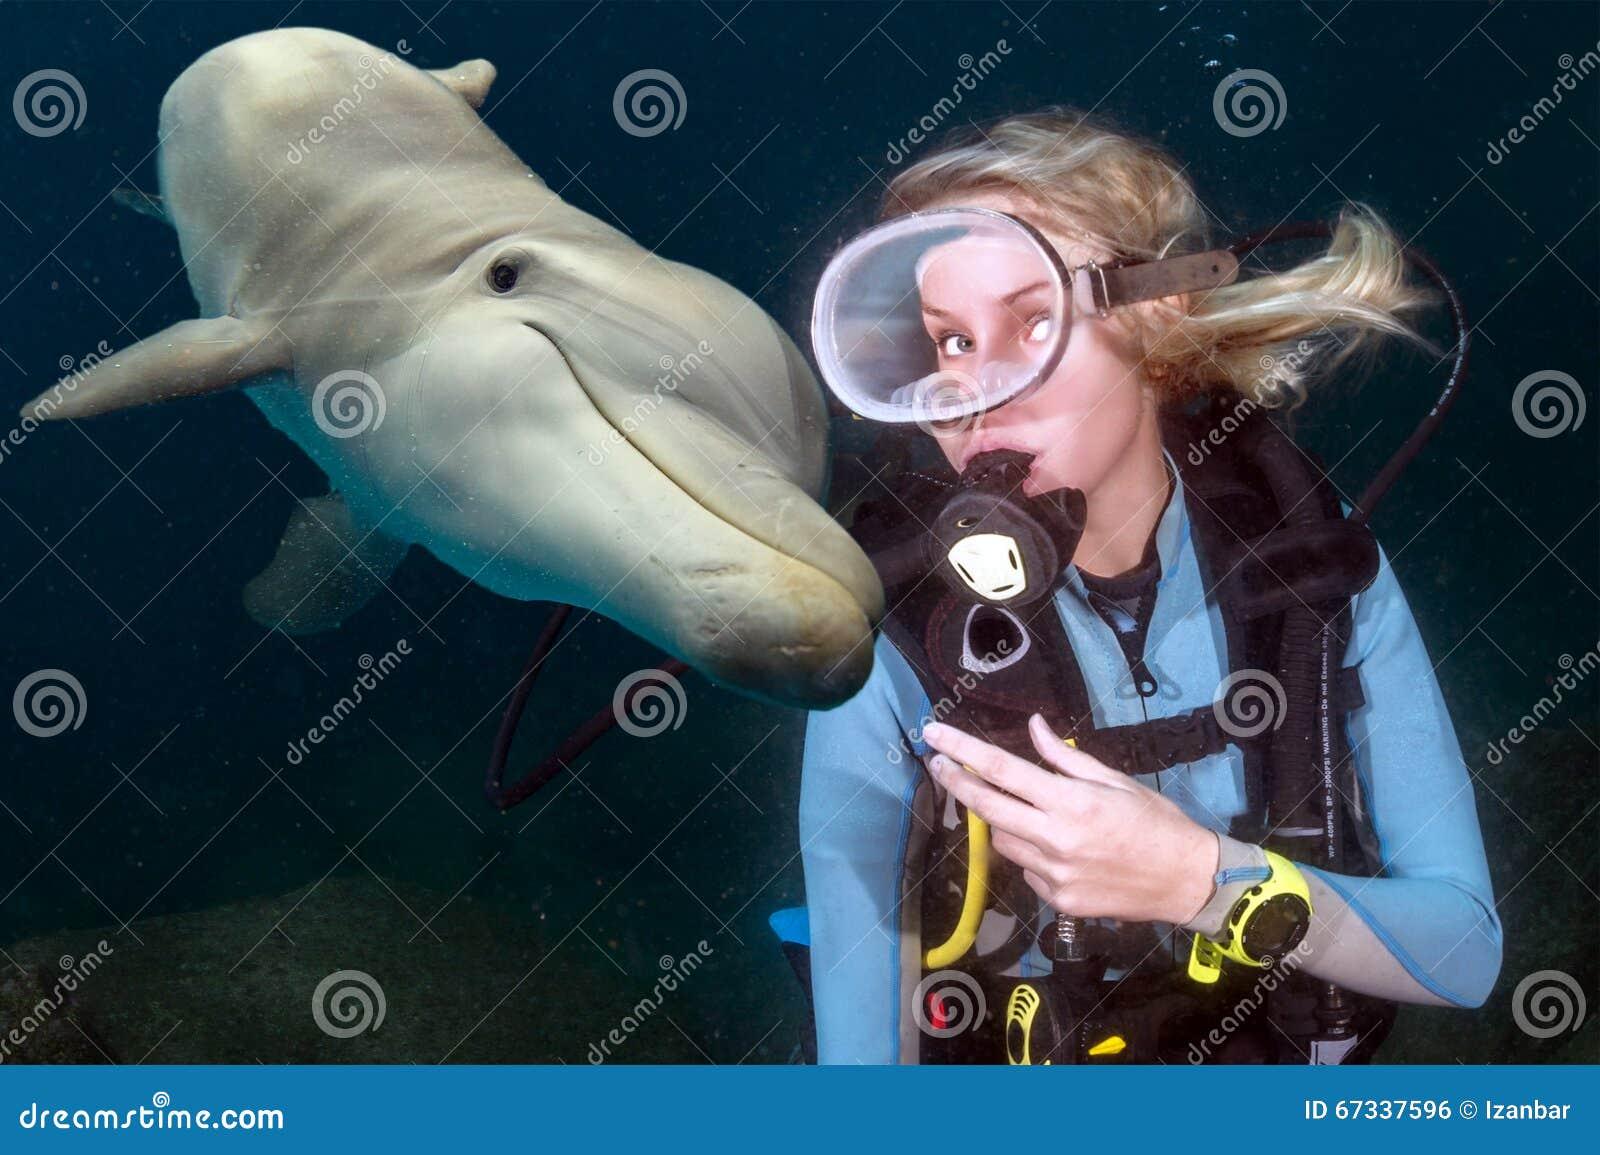 海豚水中遇见一名白肤金发的轻潜水员